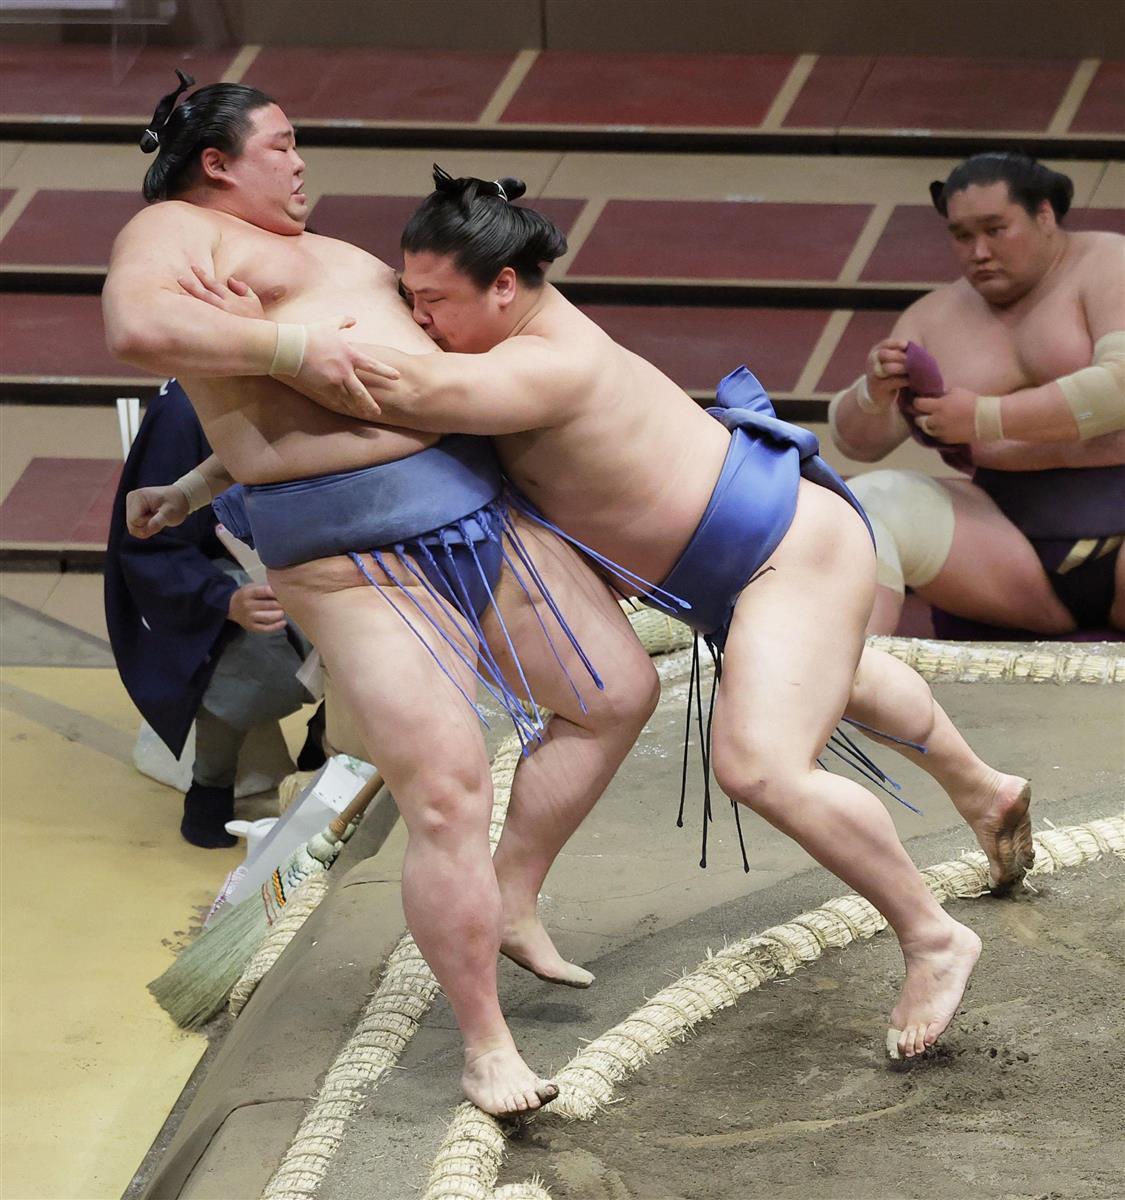 若隆景が正代を撃破 期待の新鋭、三役も間近 大相撲夏場所 - 産経ニュース